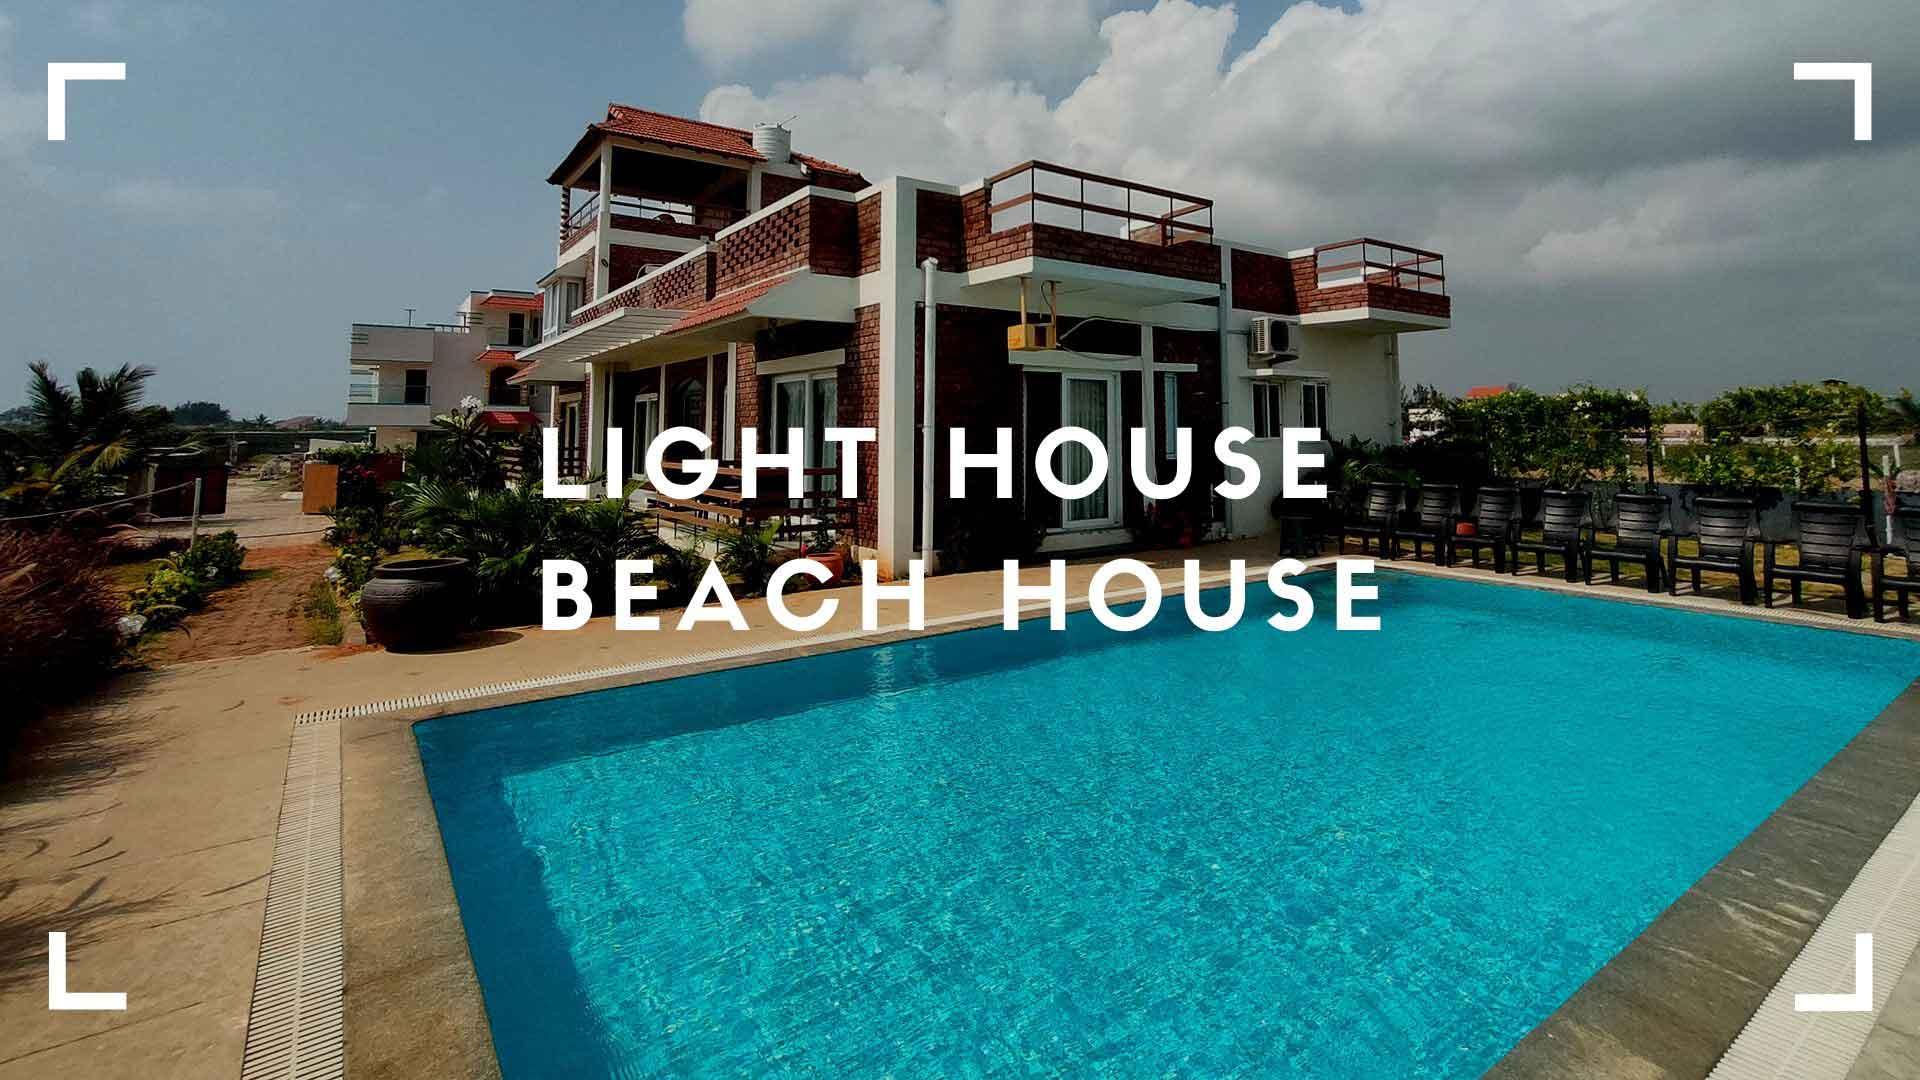 light house beach house